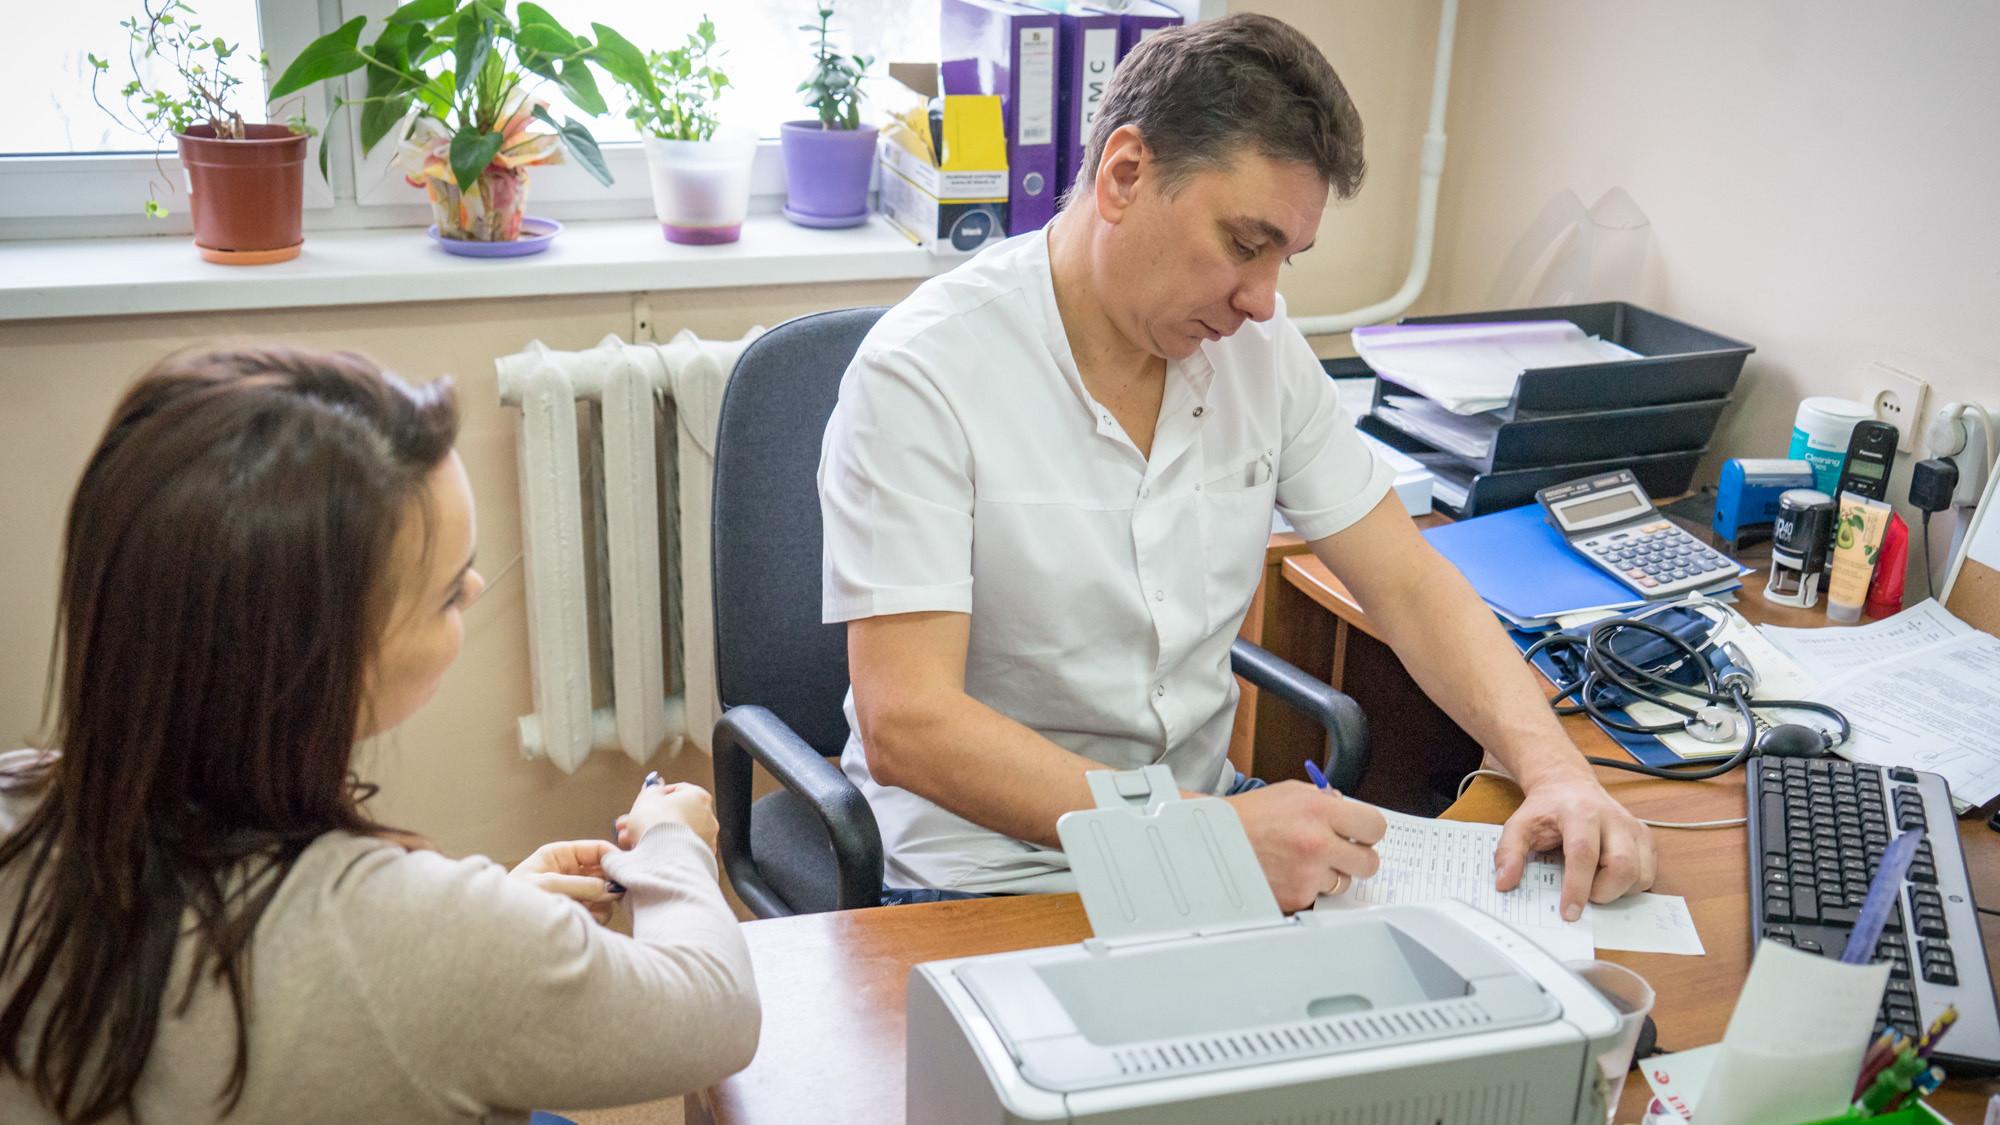 Более 30 тысяч жителей прошли диспансеризацию в Химках в 2018 году